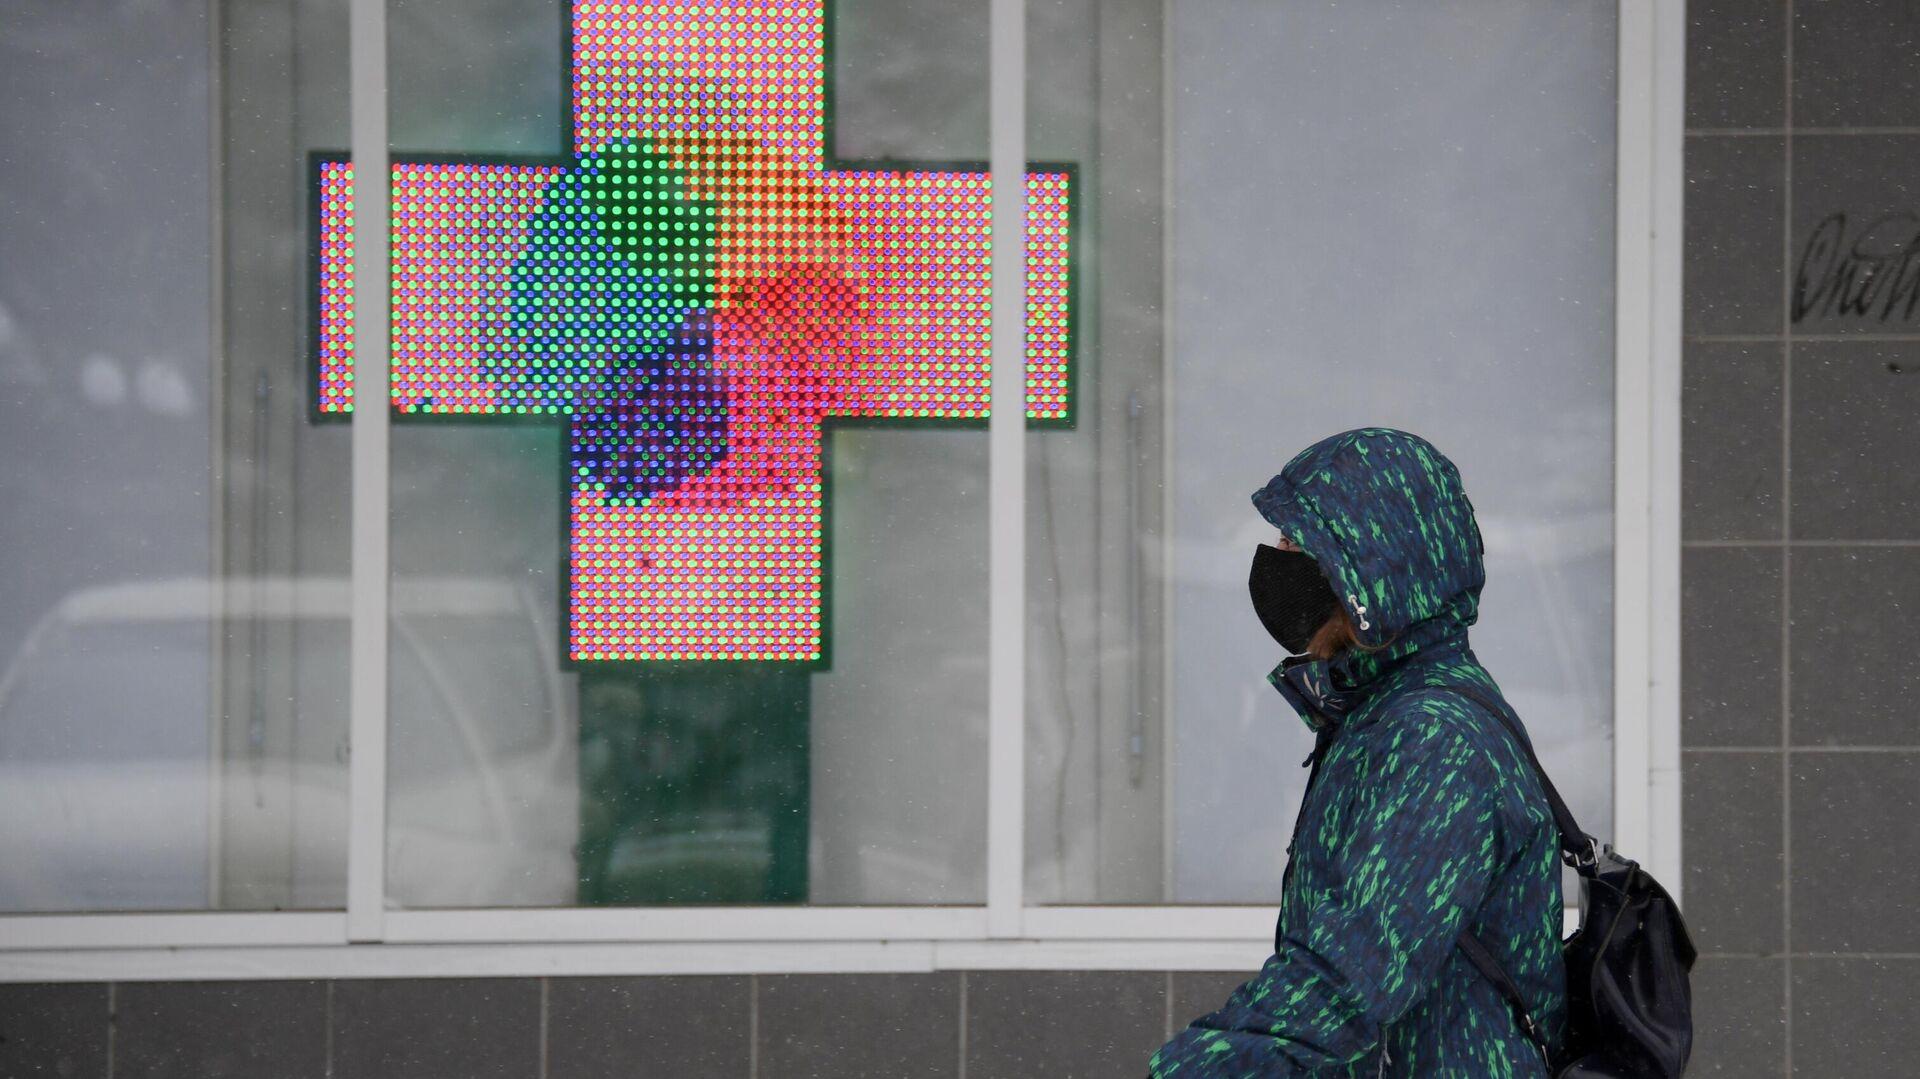 Прохожий в медицинской маске около аптеки в городе Щелково Московской области - РИА Новости, 1920, 12.01.2021